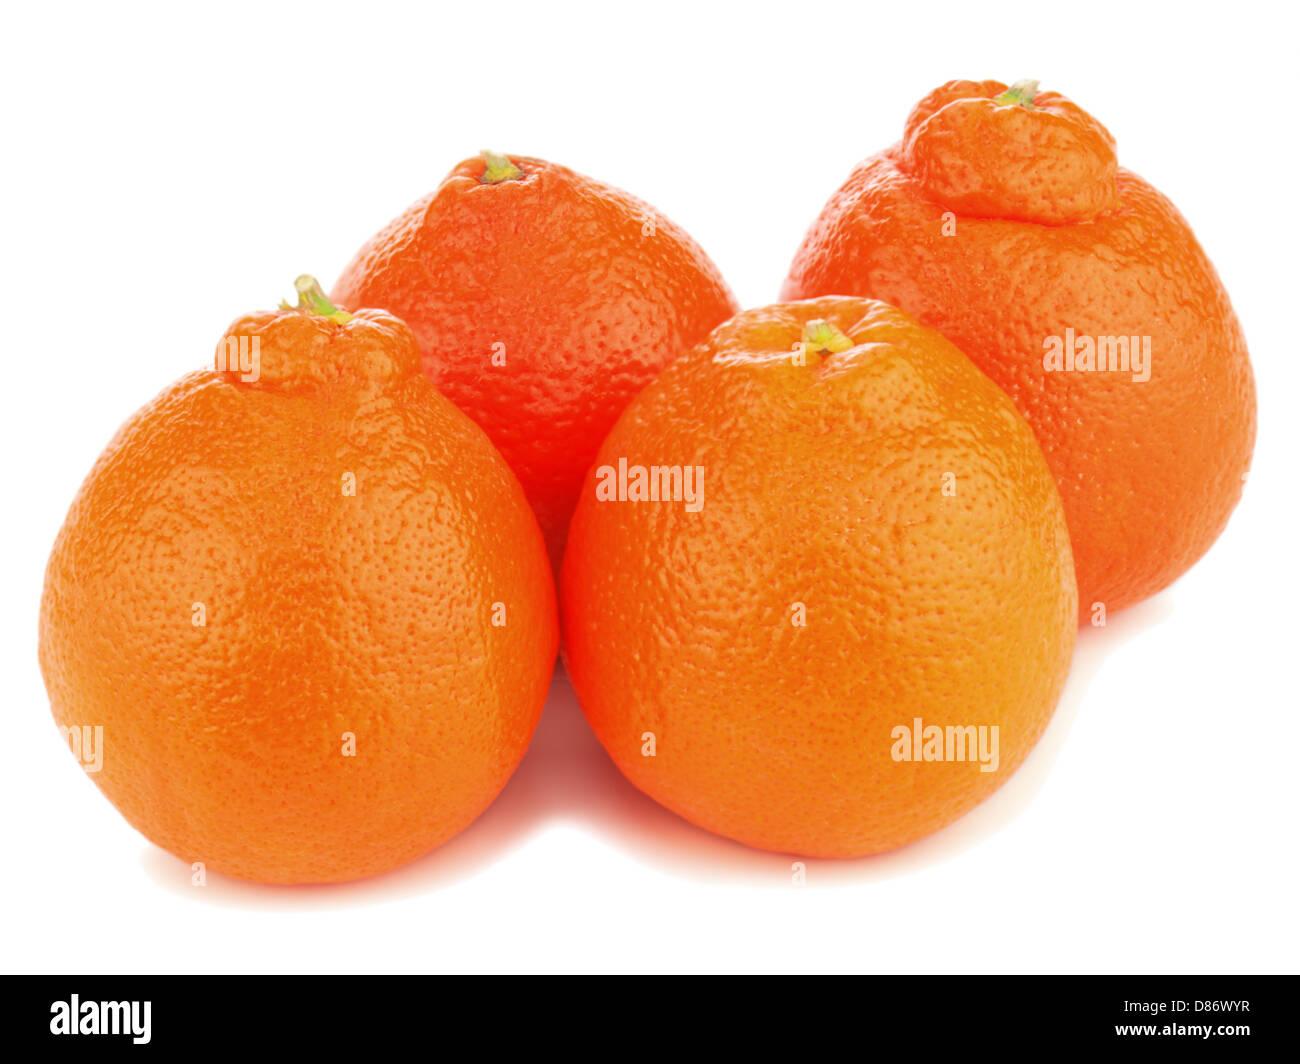 Ripe mineola fruits isolated on white background. Closeup. - Stock Image